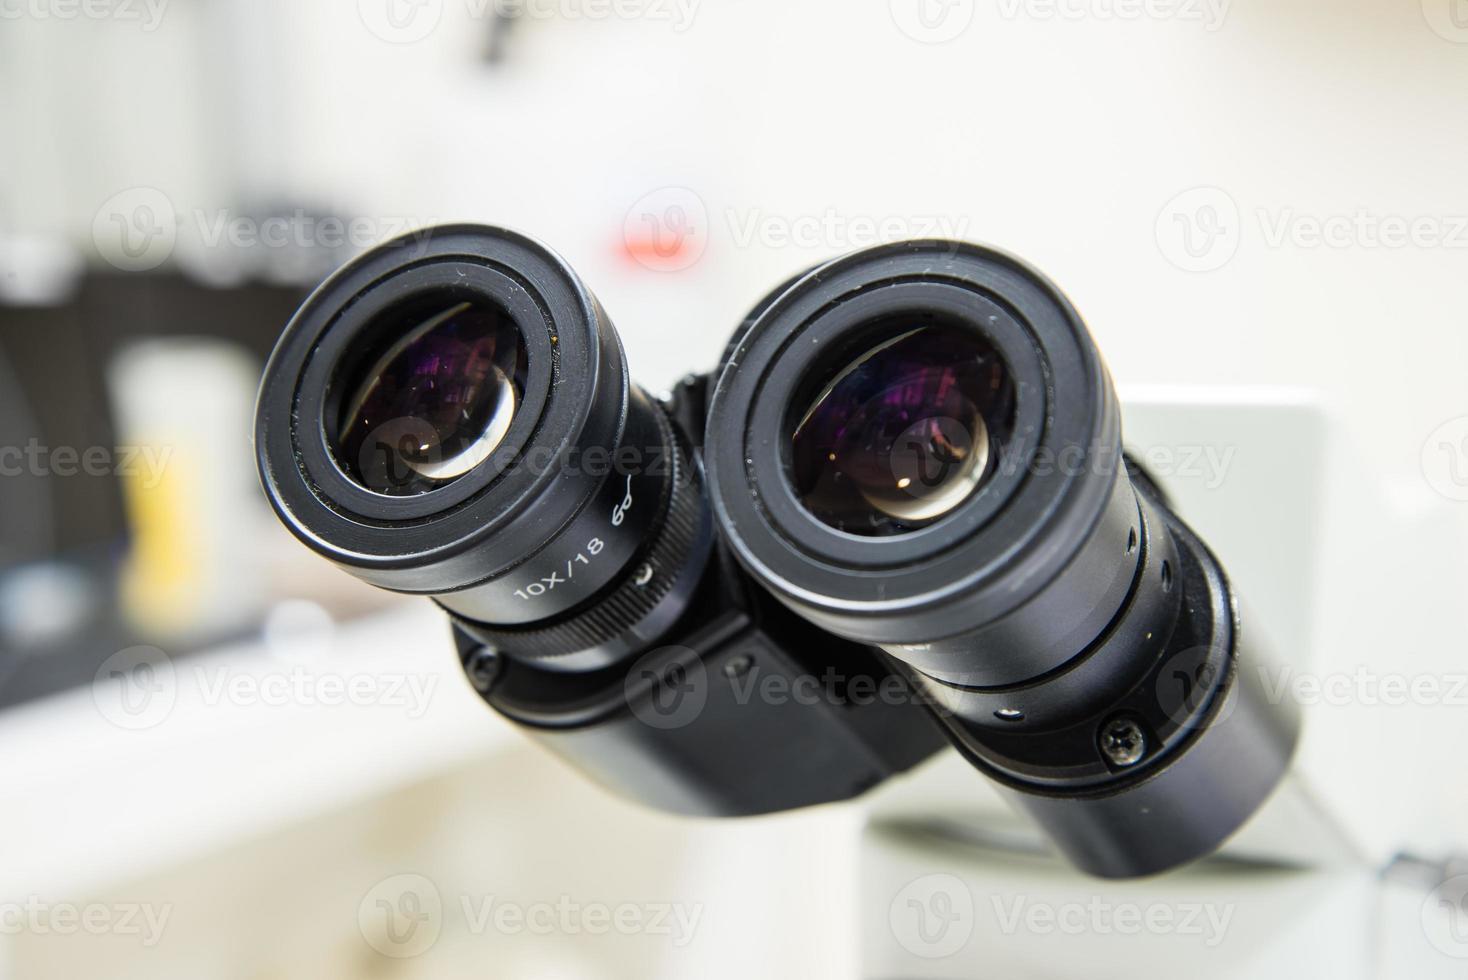 microscopio de oculares de primer plano. foto